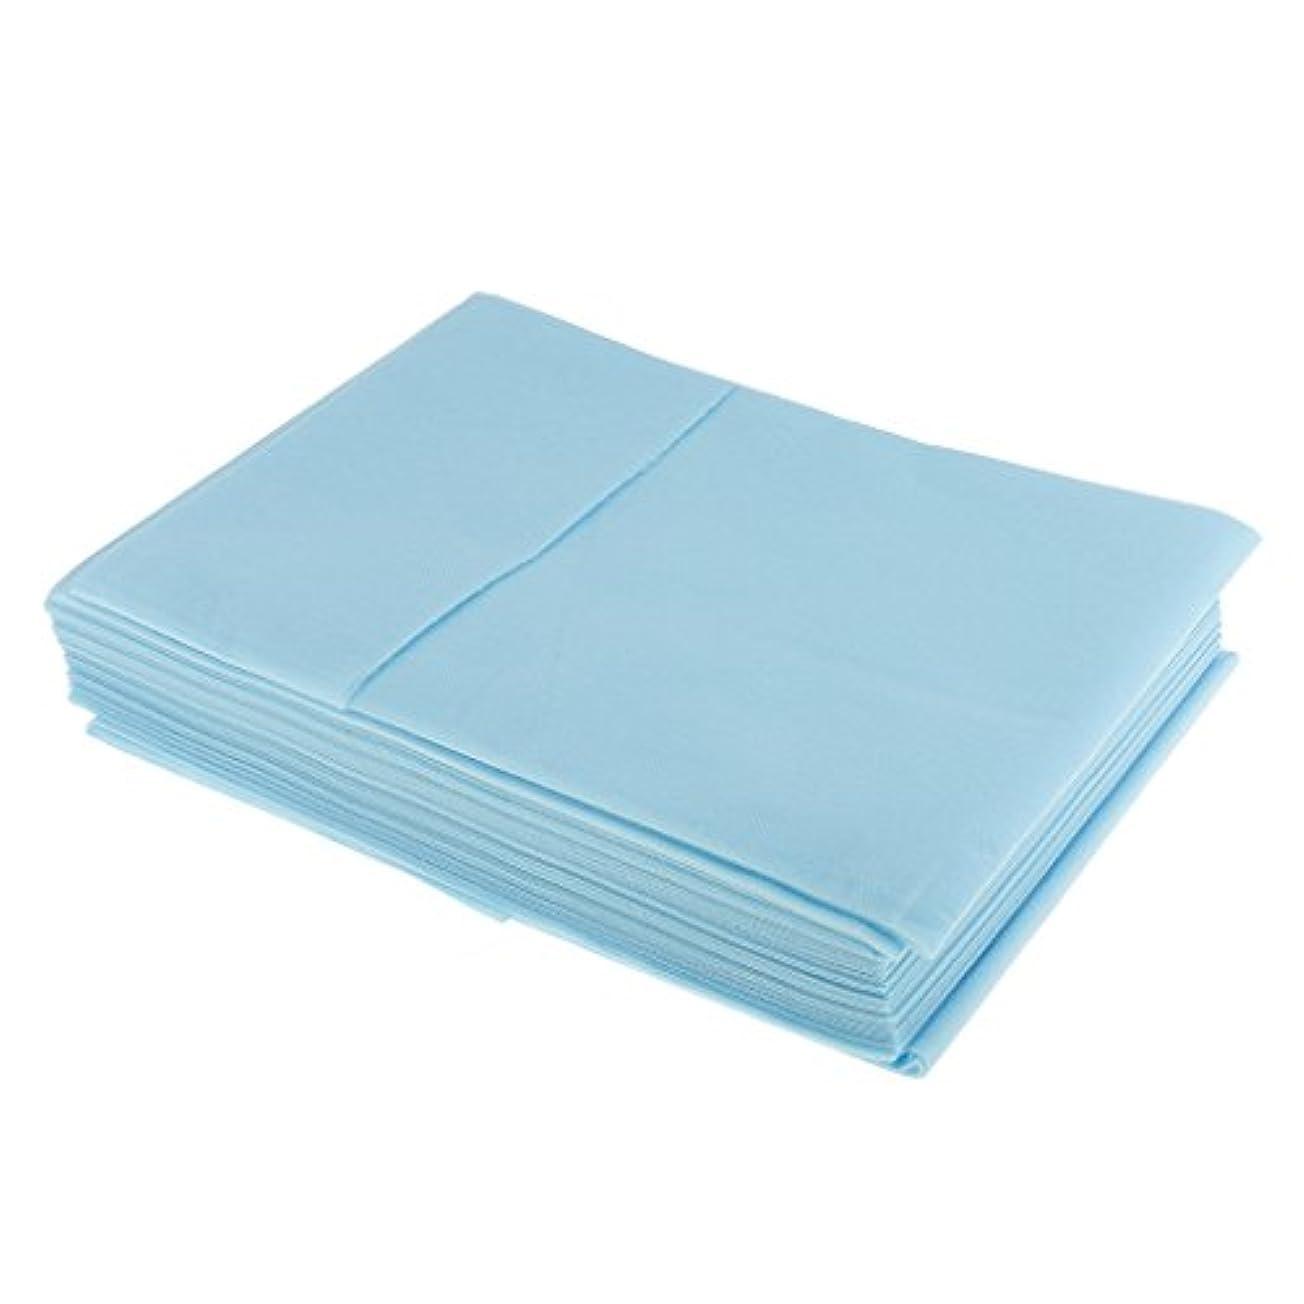 予算ポテトしなやかSONONIA 使い捨て 美容室/マッサージ/サロン/ホテル ベッドパッド 無織PP 衛生シート 10枚 全3色選べ - 青